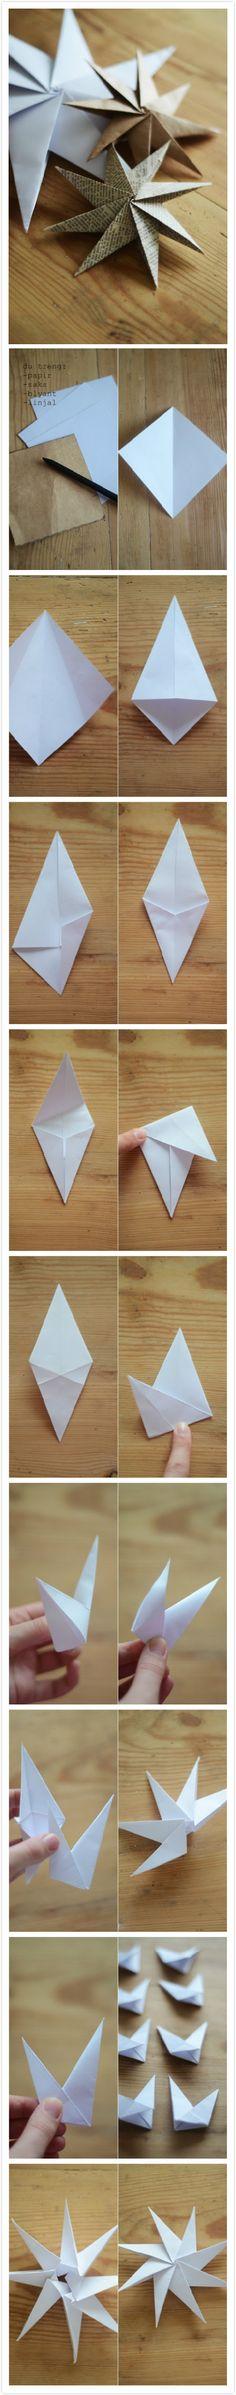 Etoiles de papier